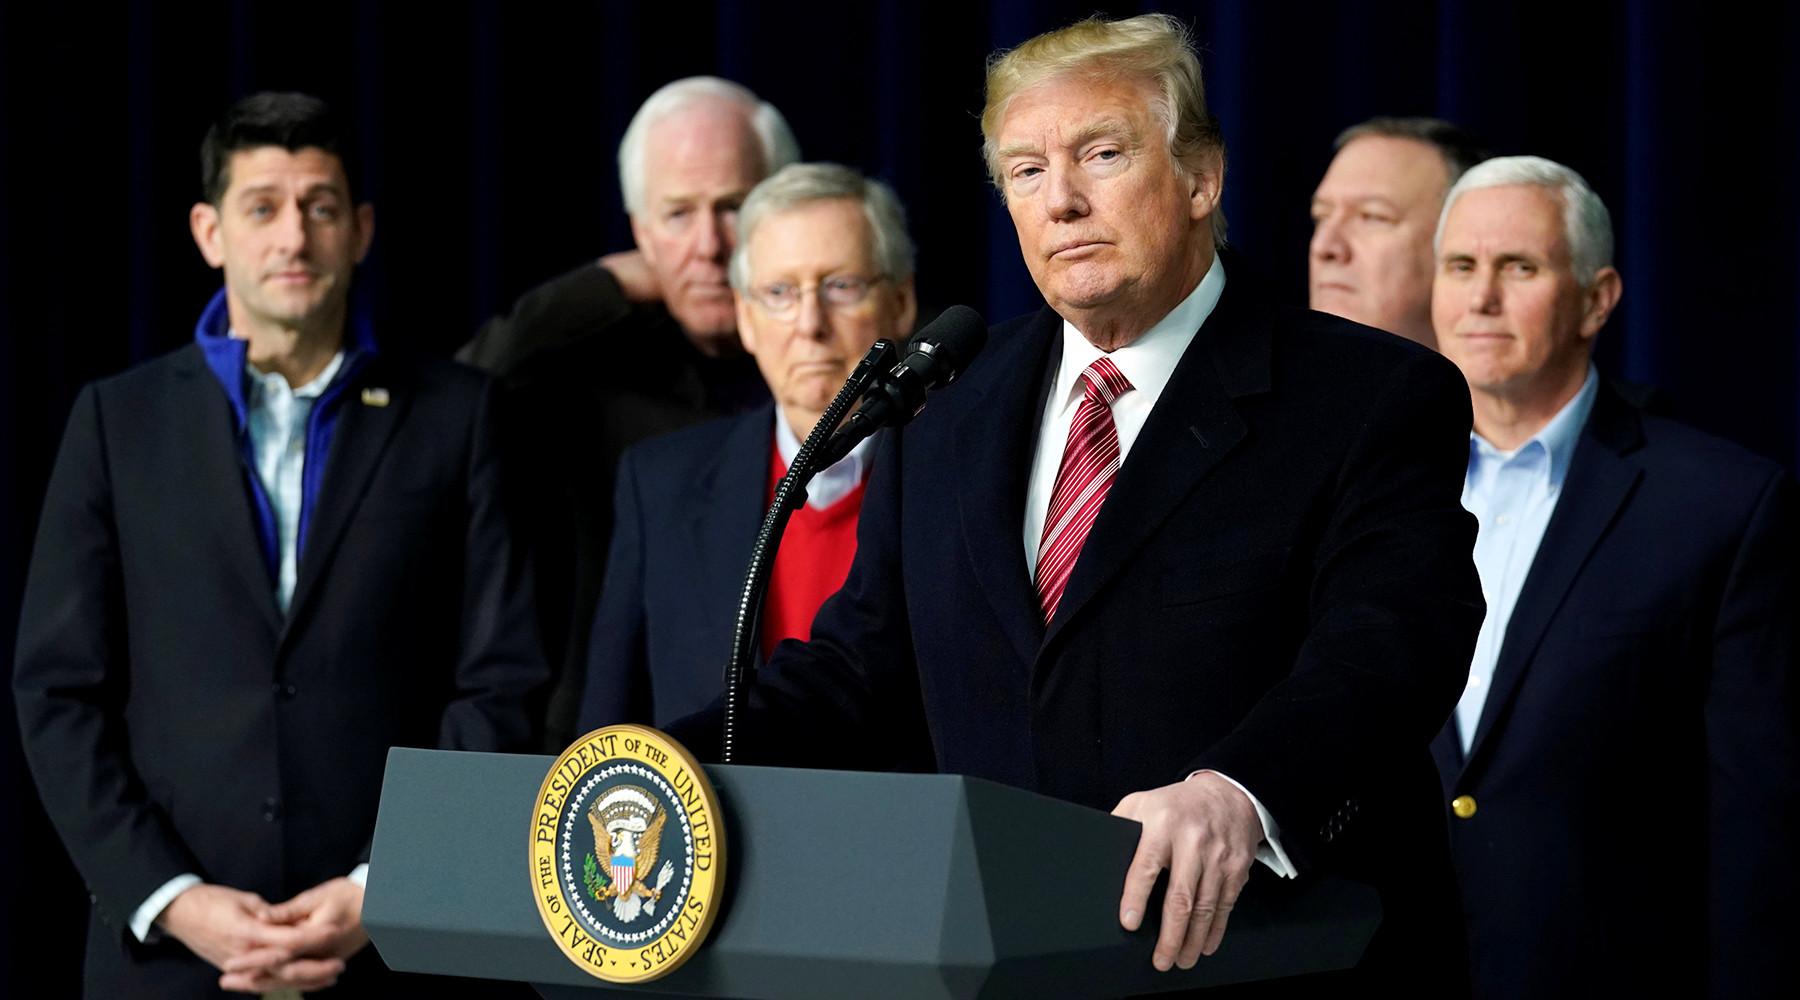 От первого лица: спецпрокурор США добивается допроса Дональда Трампа по «российскому делу»